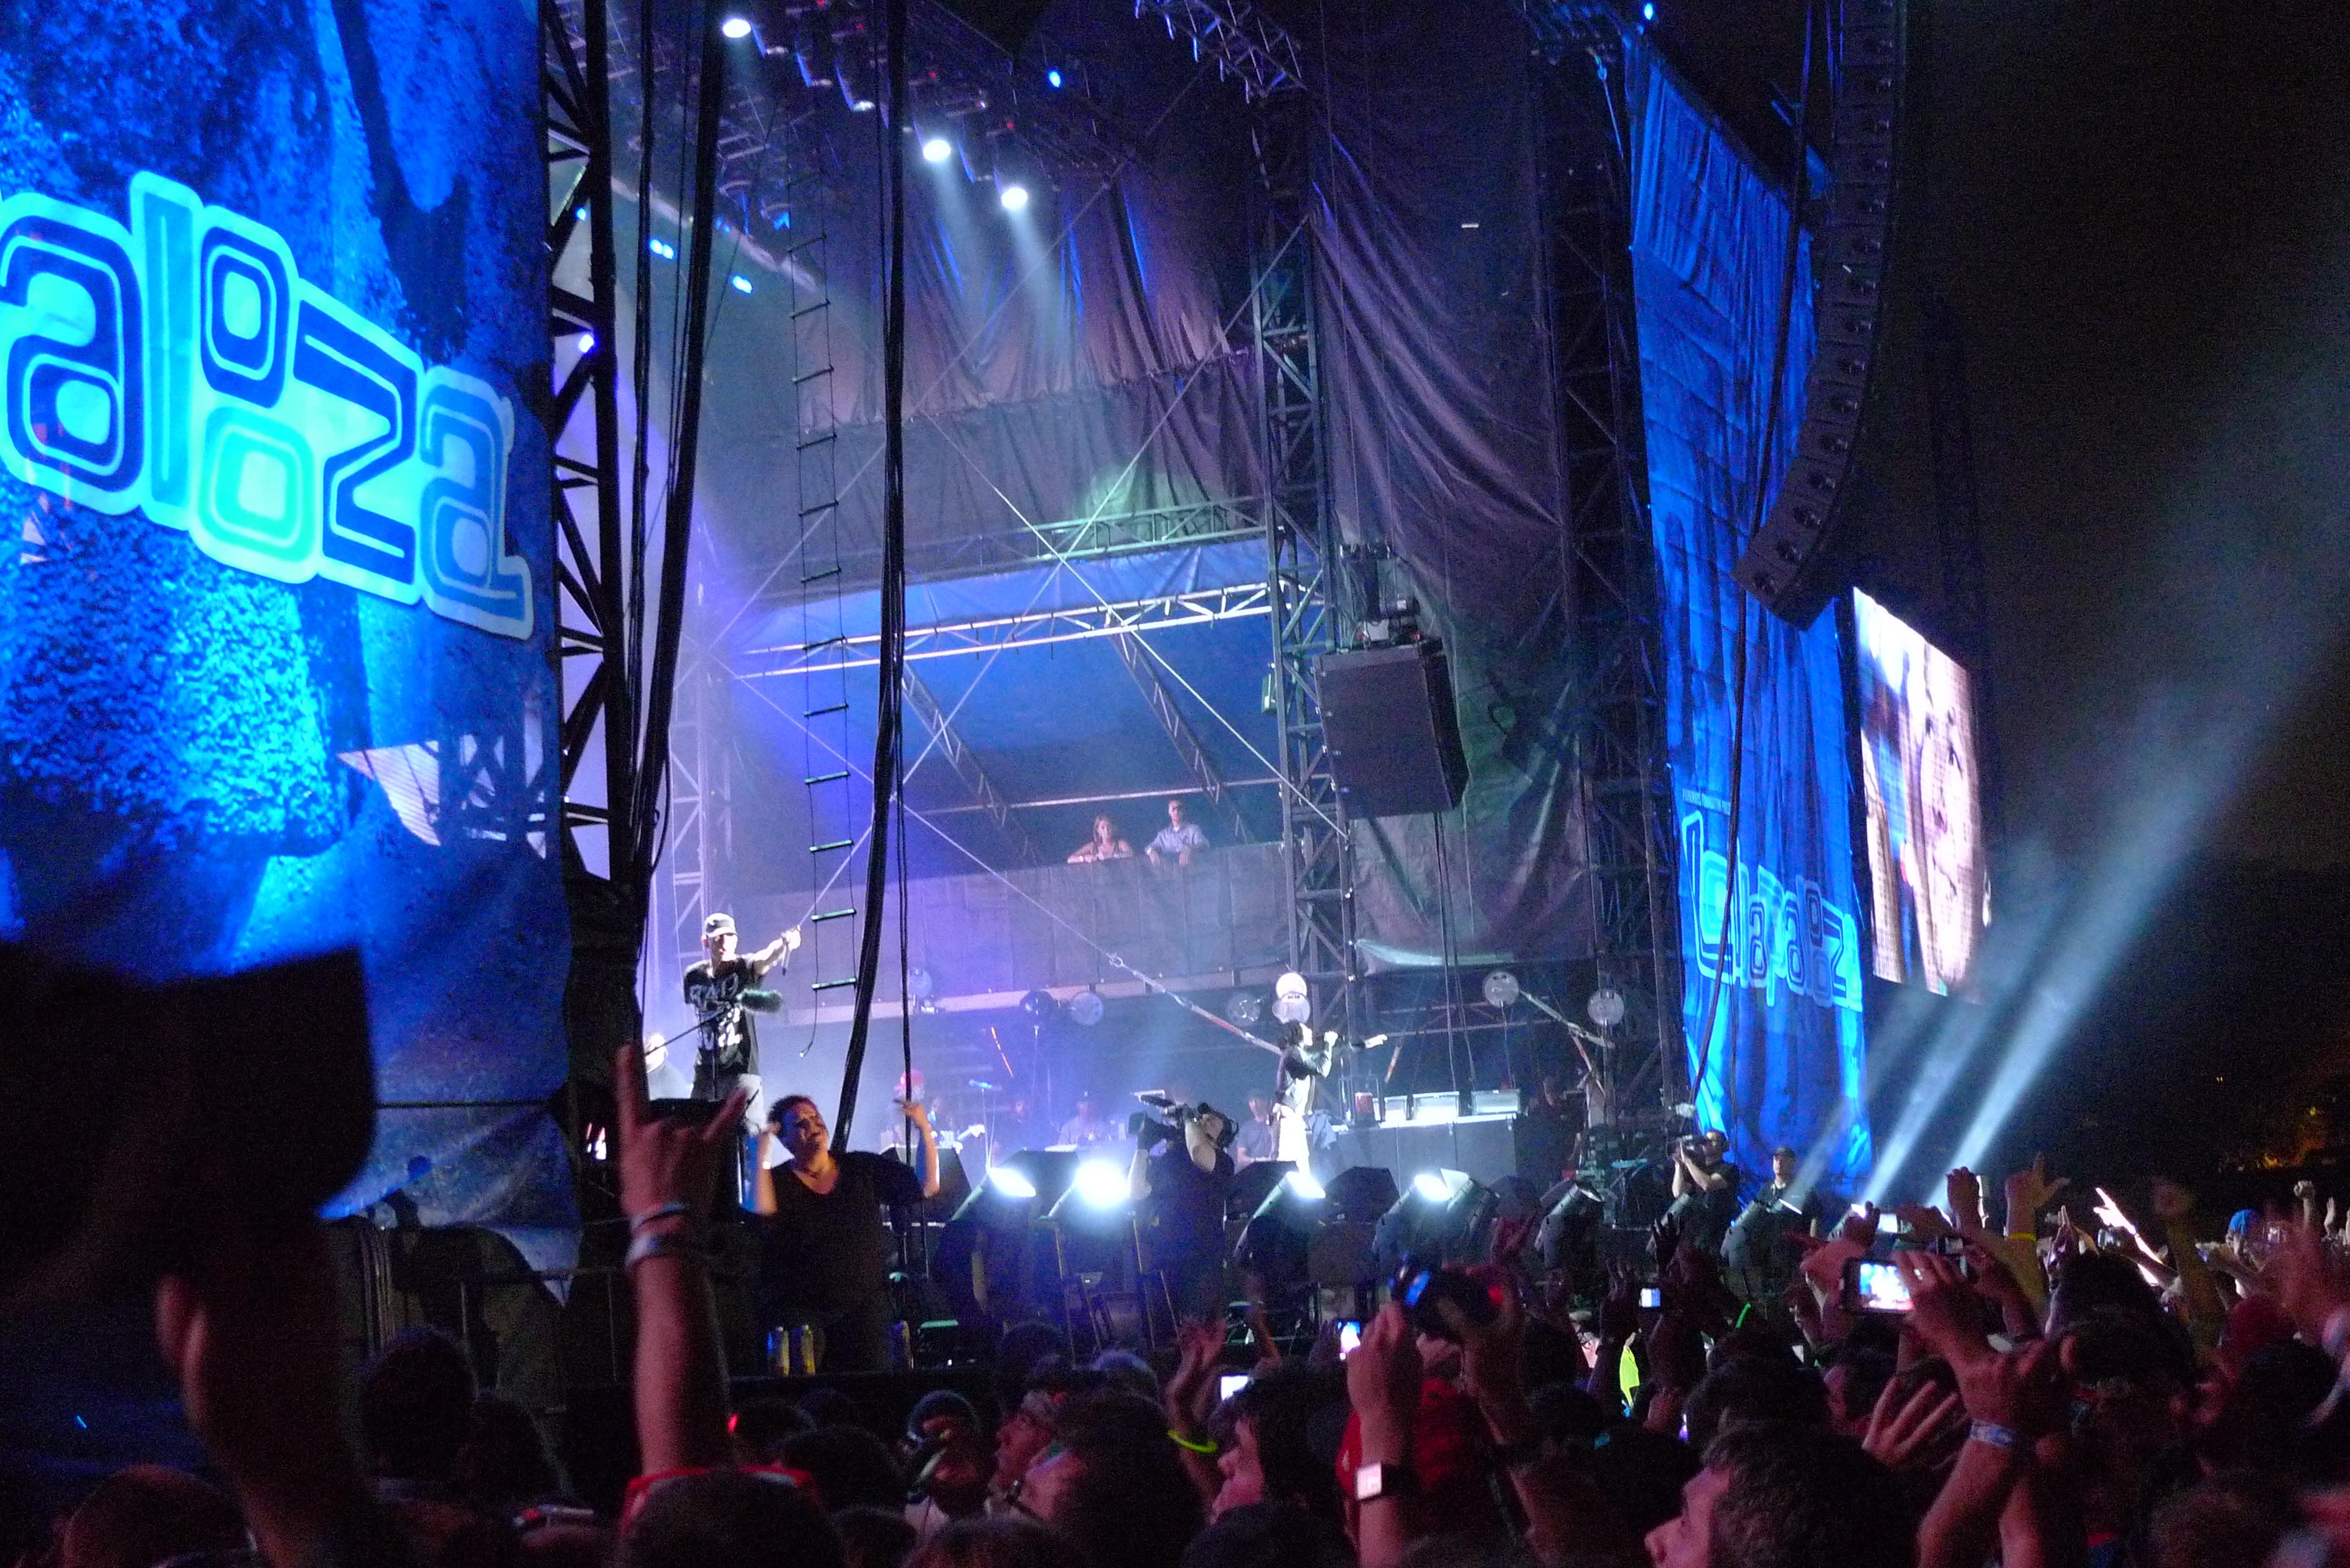 Lollapalooza - Wikipedia